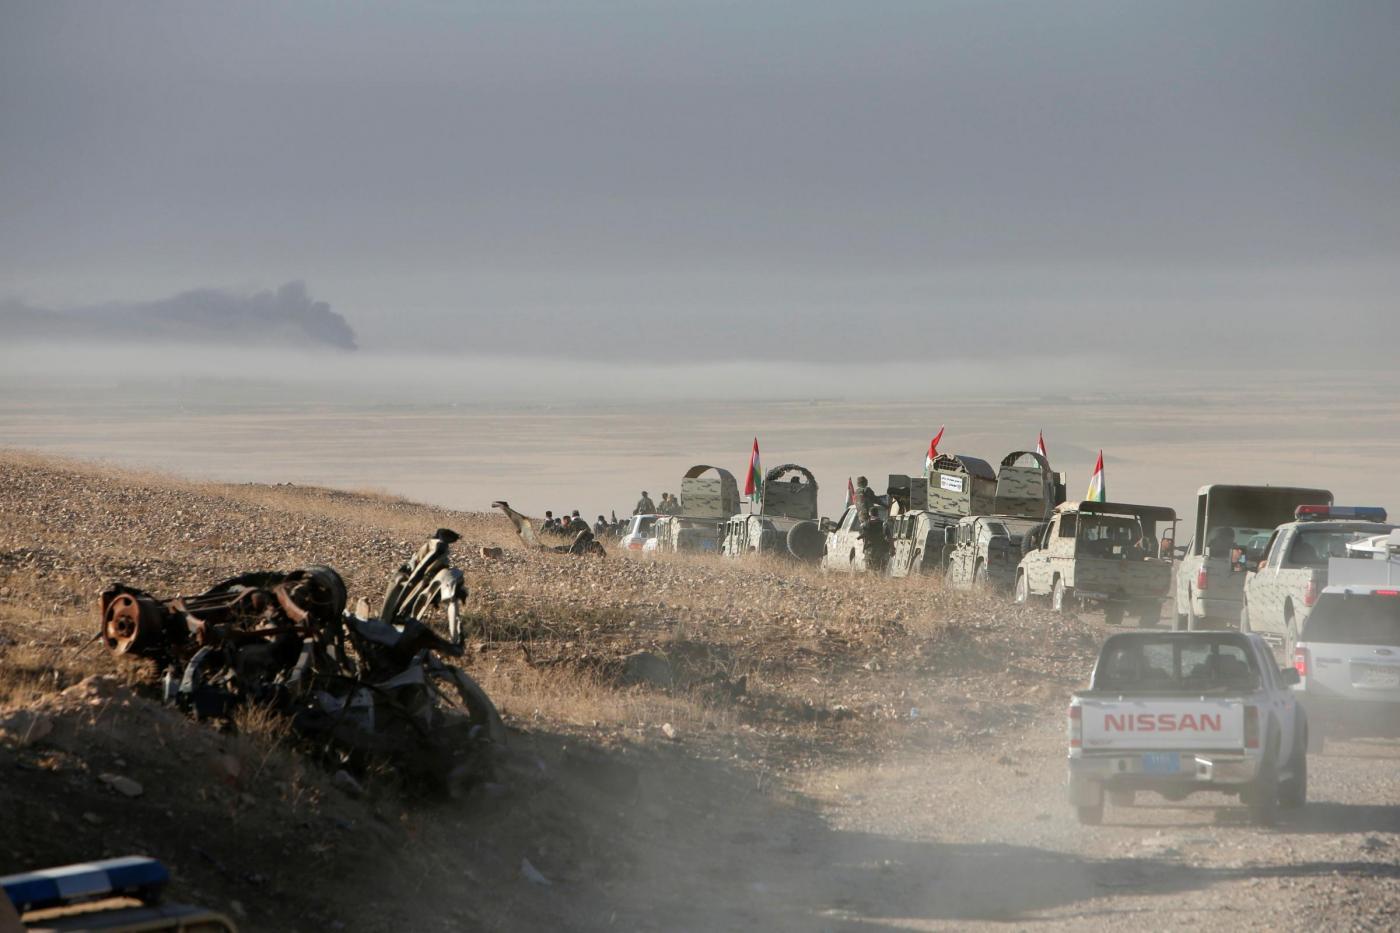 Guerra all'Isis, iniziata l'offensiva su Mosul: cosa sta succedendo in Iraq